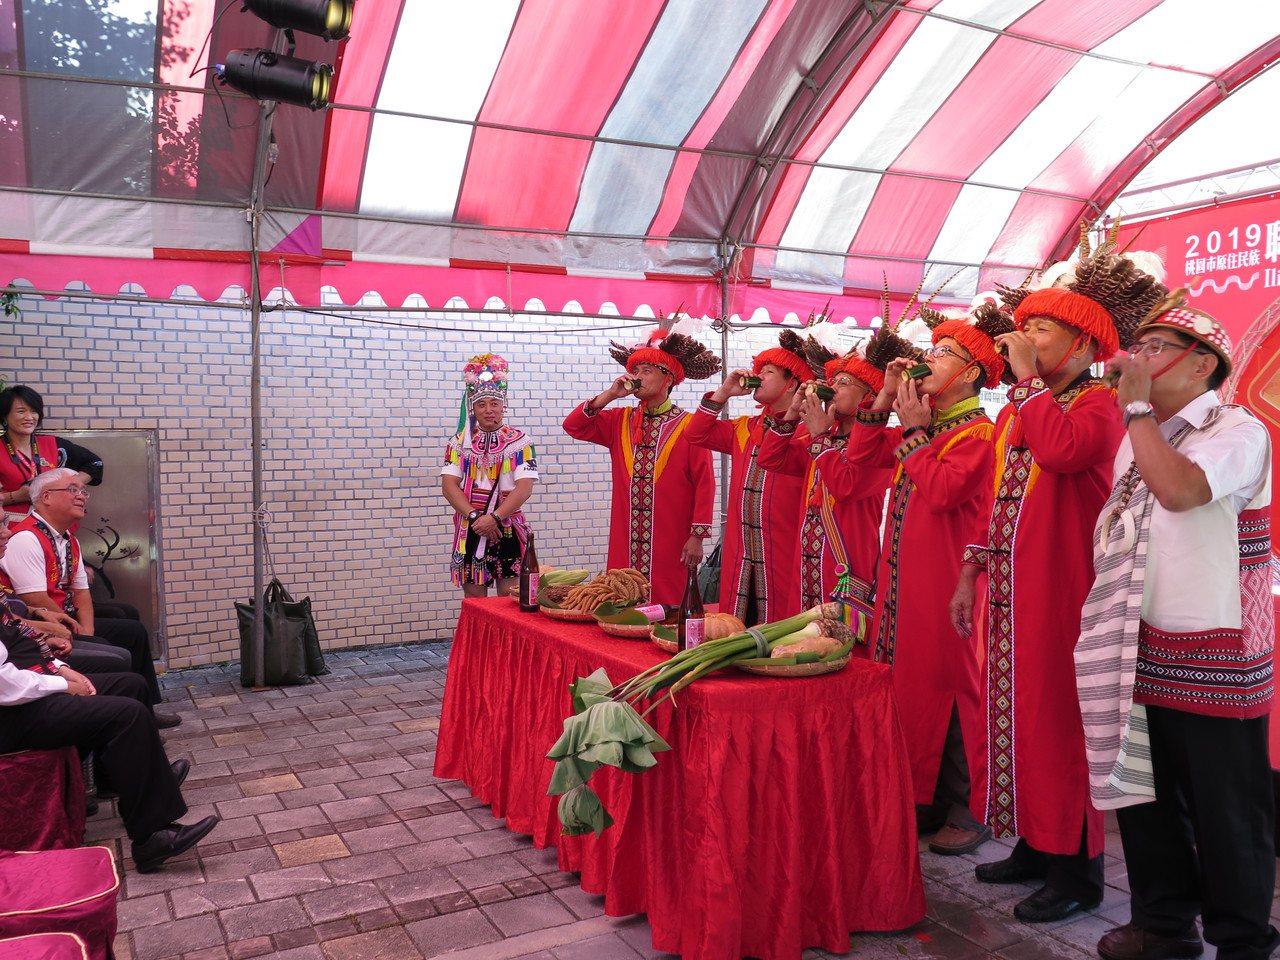 桃園市政府連年舉辦原住民聯合豐年祭,8月31日起一連2天將在高鐵站前廣場登場,昨...